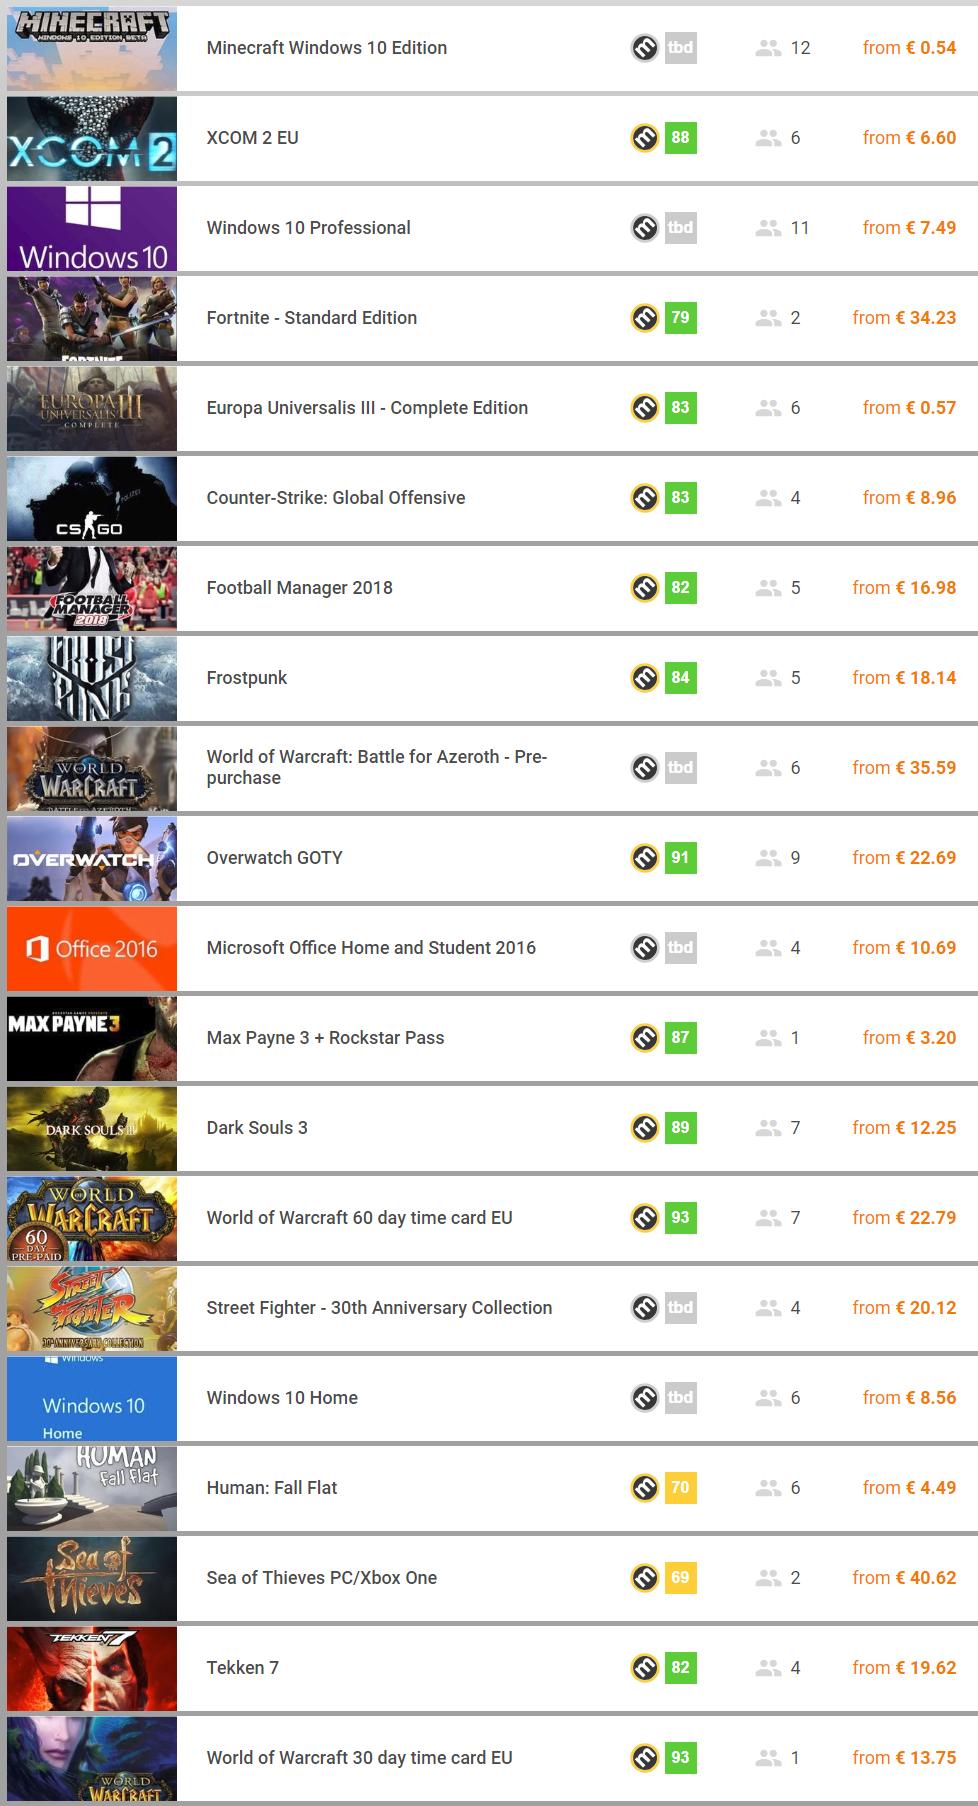 fireshot capture 2 - gamivo.com - cheap game cd ke_ - https___www.gamivo.com_search_sort_bestsellers.png